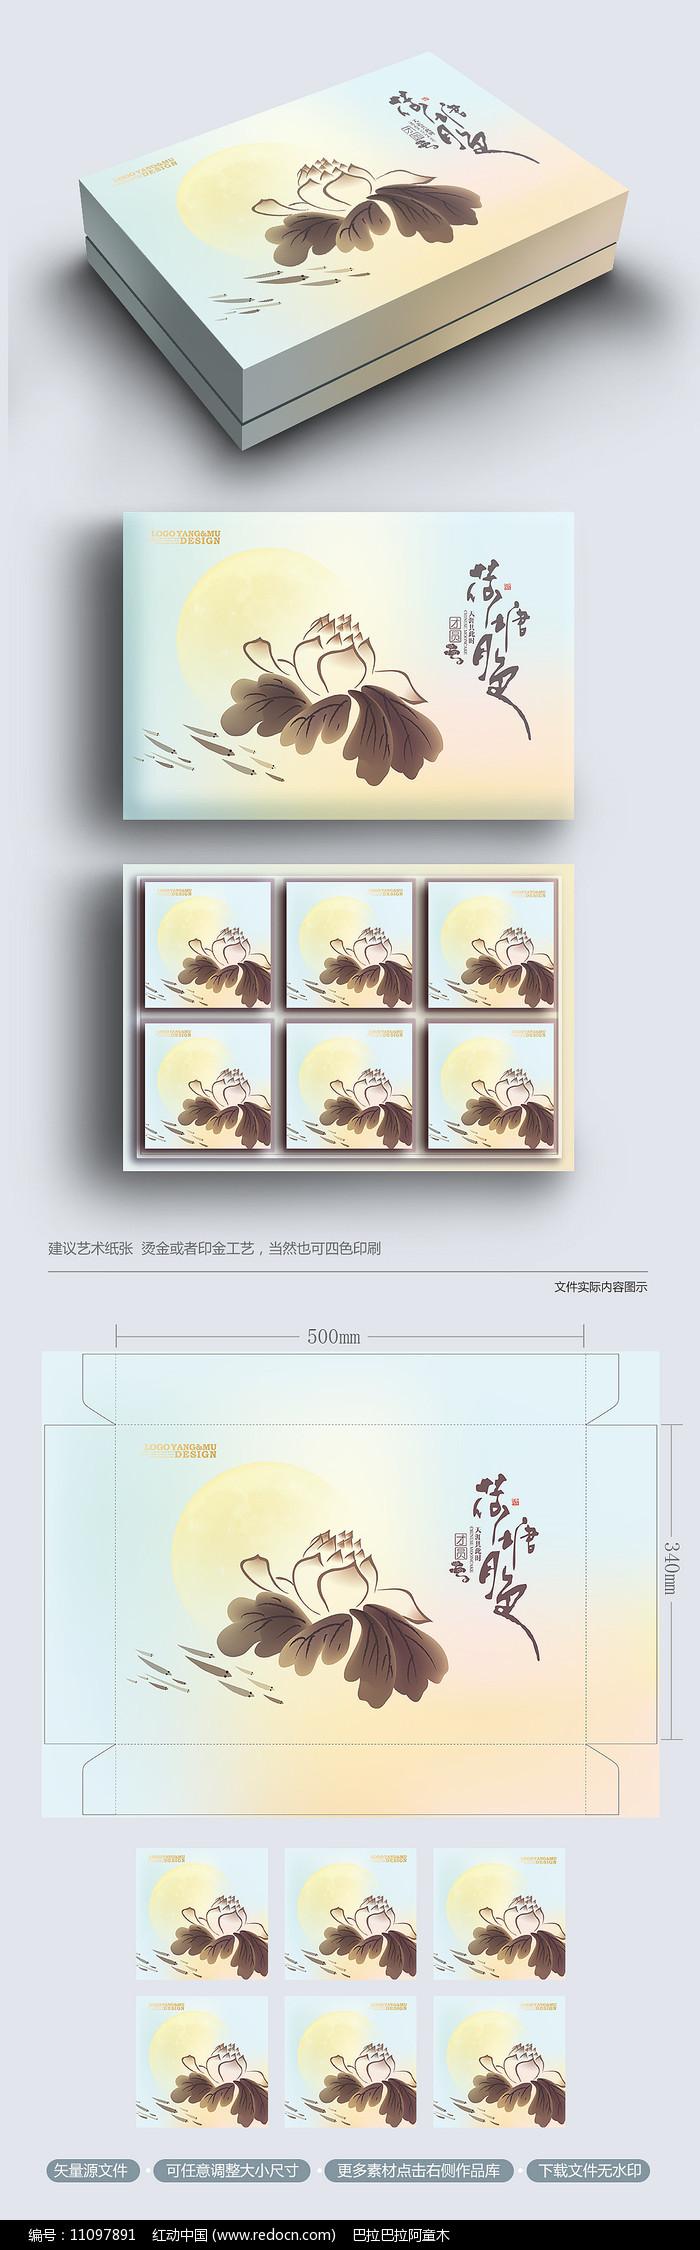 水墨国画荷花荷塘月色月饼包装礼盒图片